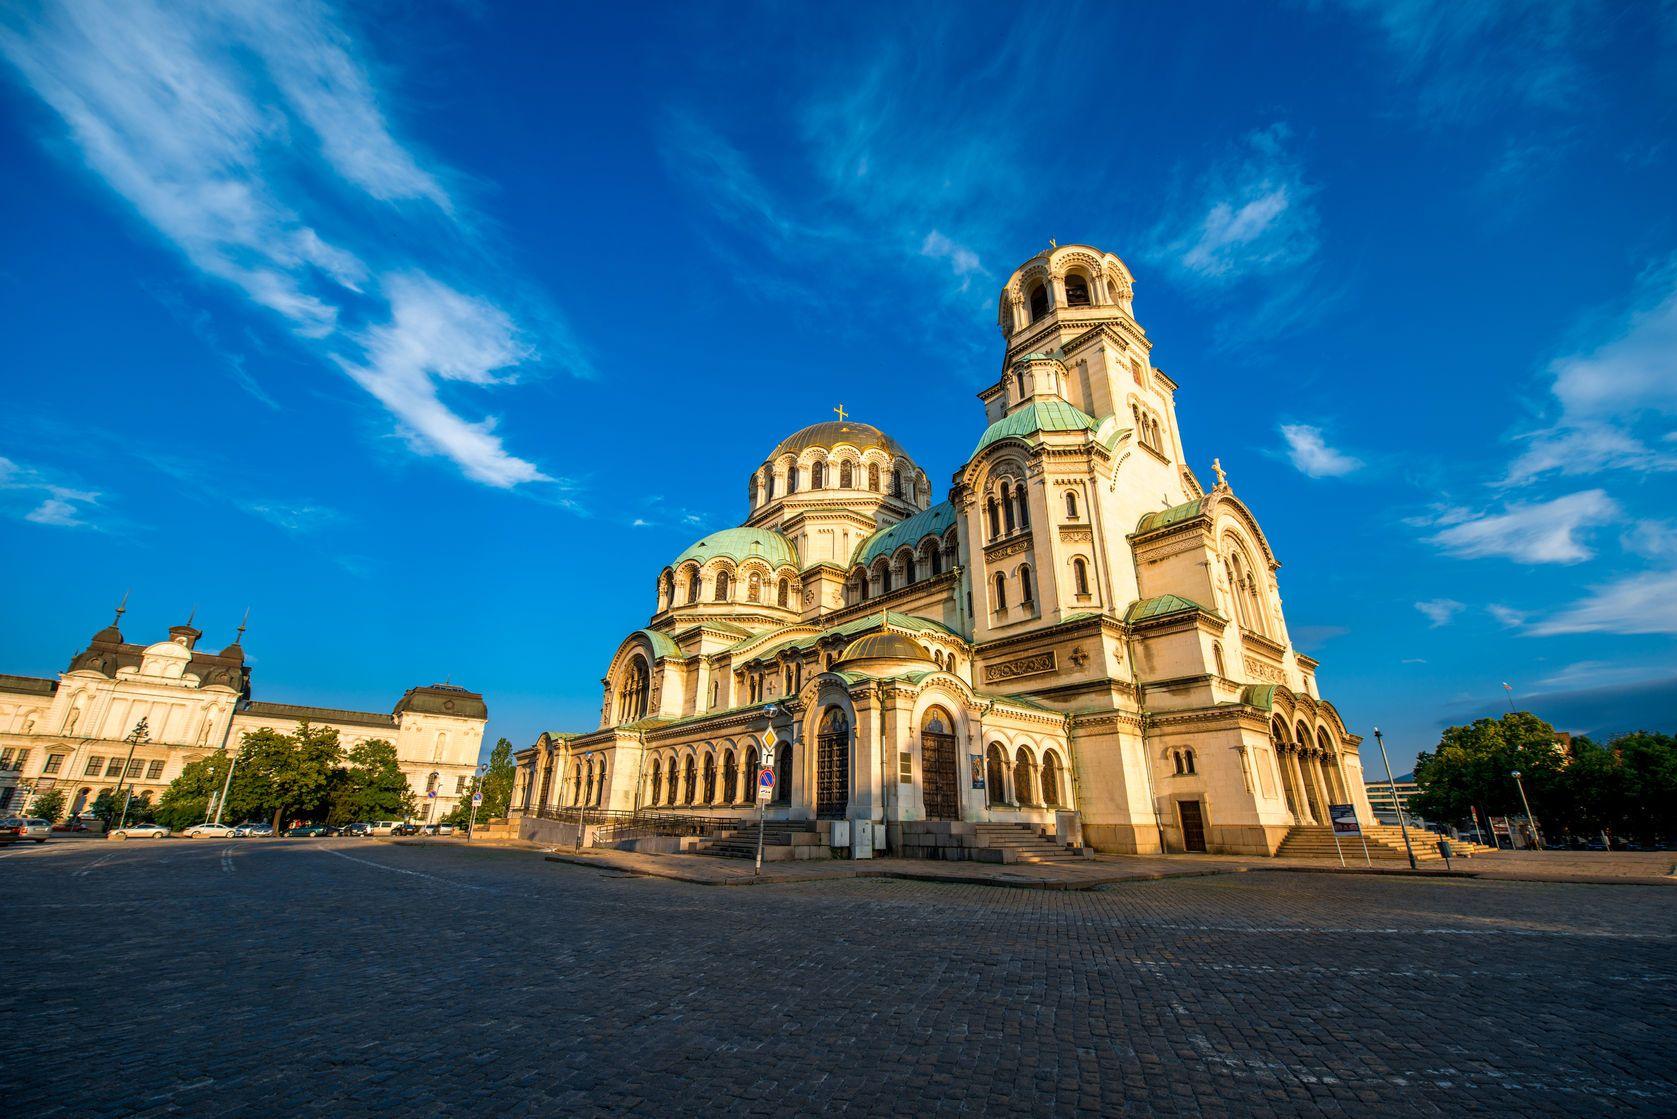 Katedrála svatého Alexandra Něvského v Sofii | rh2010/123RF.com